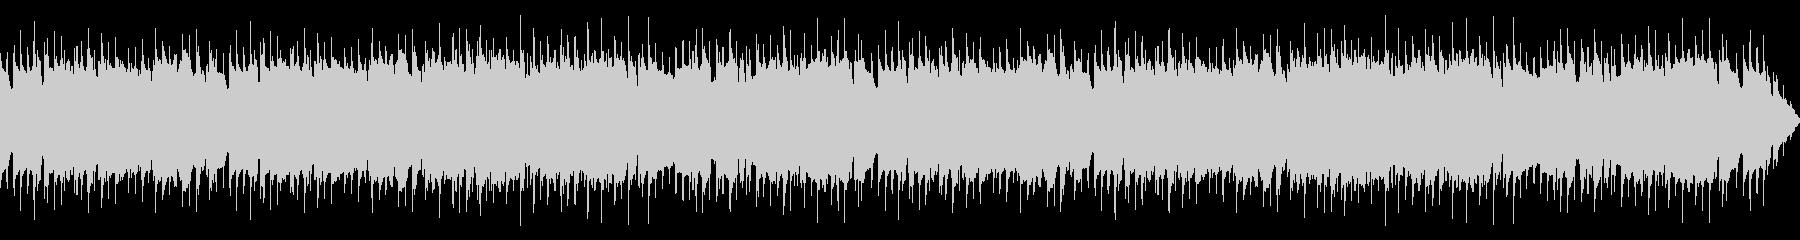 エレピのメロディーが印象深い明るいBGMの未再生の波形